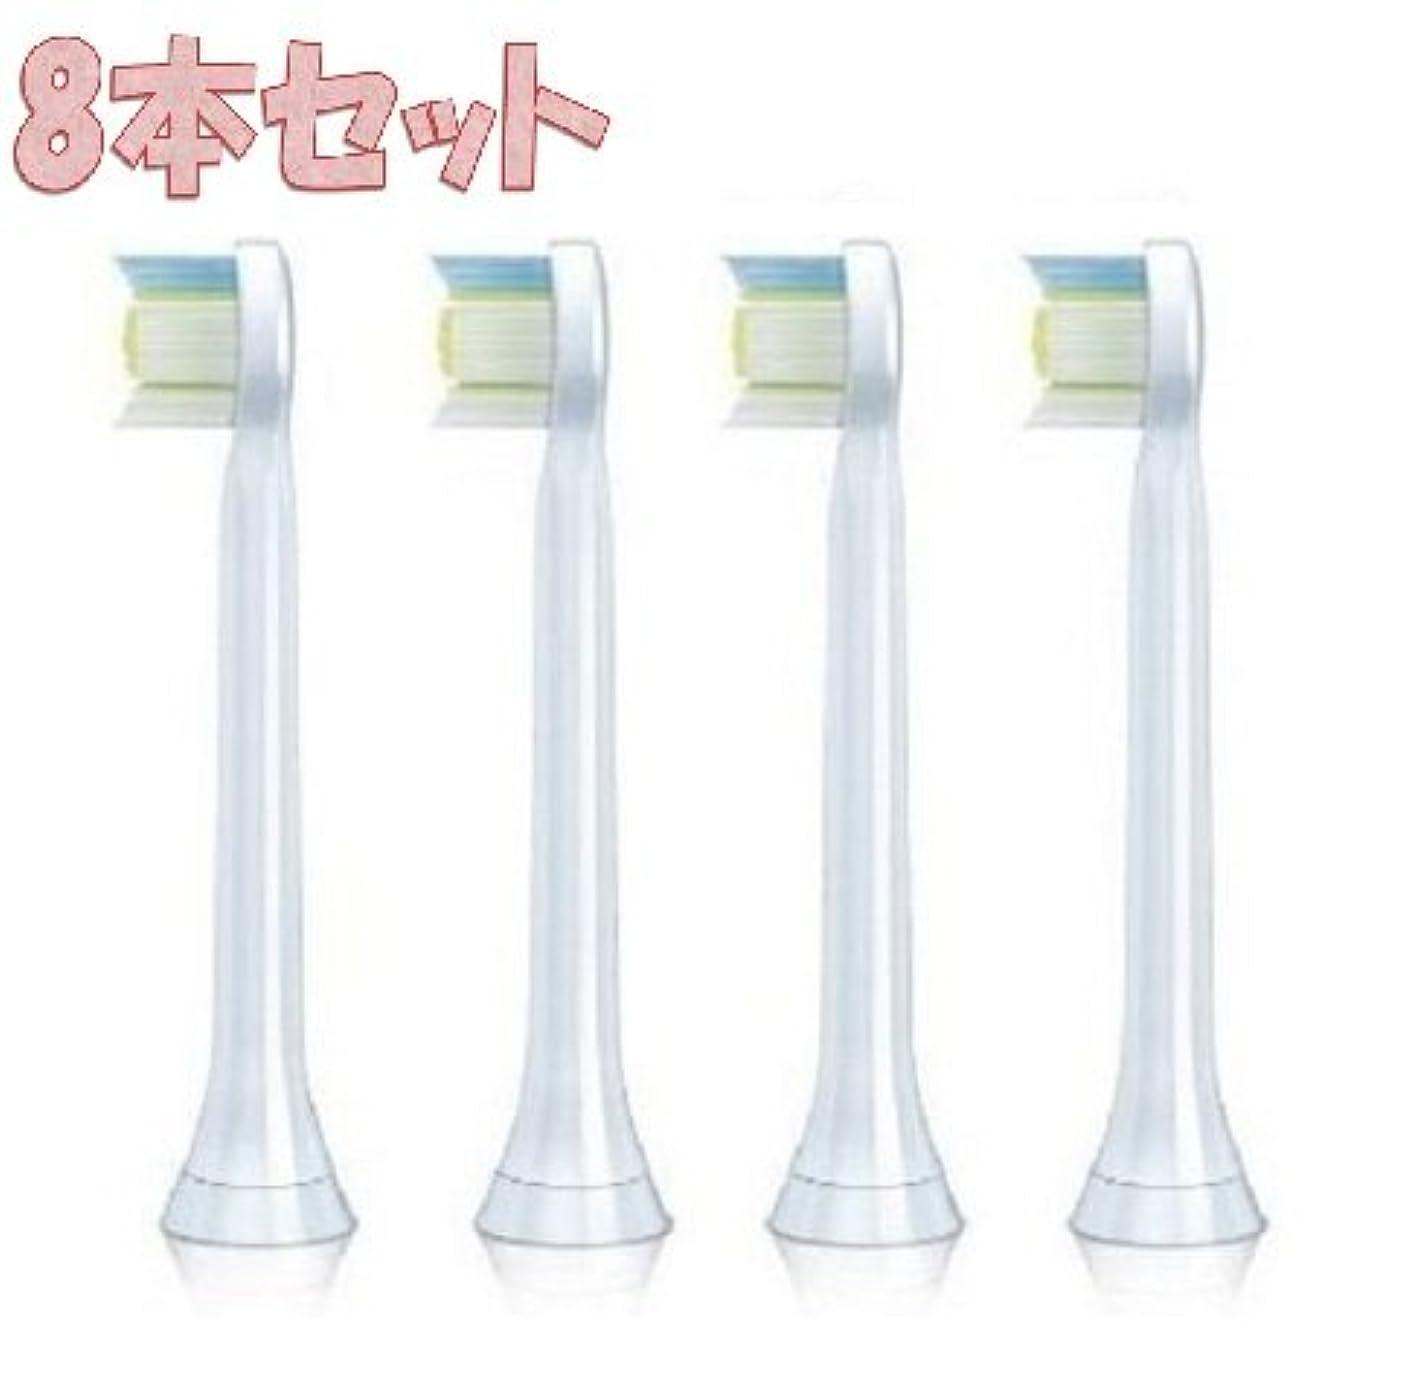 デザート鎮静剤退屈させるHX6074 互換 替え歯ブラシ ミニ タイプ 8本セット 替えブラシ PHILIPS フィリップス ソニッケアー